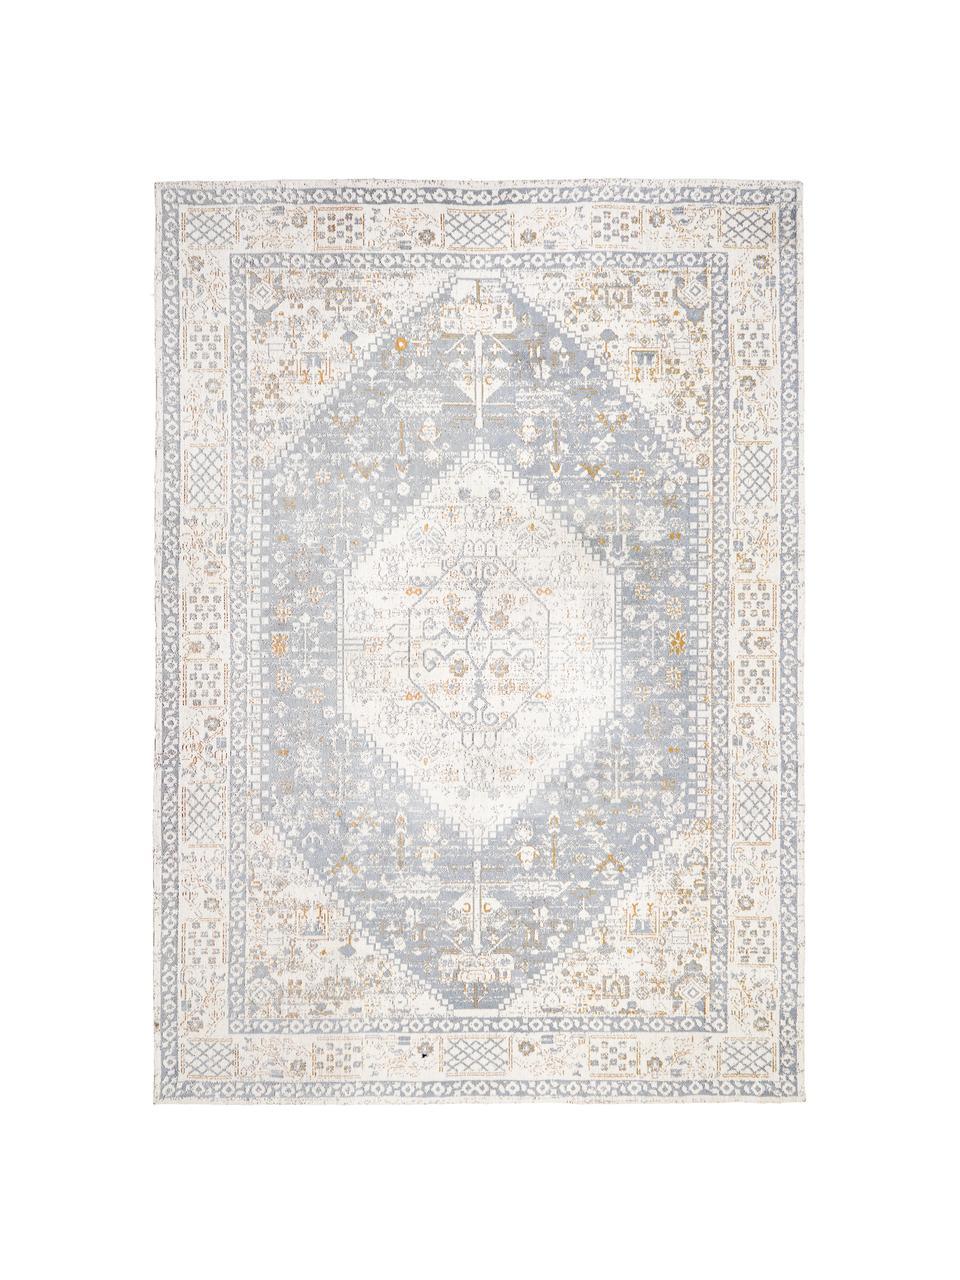 Ručně tkaný žinylkový koberec ve vintage stylu Neapel, Holubí modrá, krémová, šedobéžová